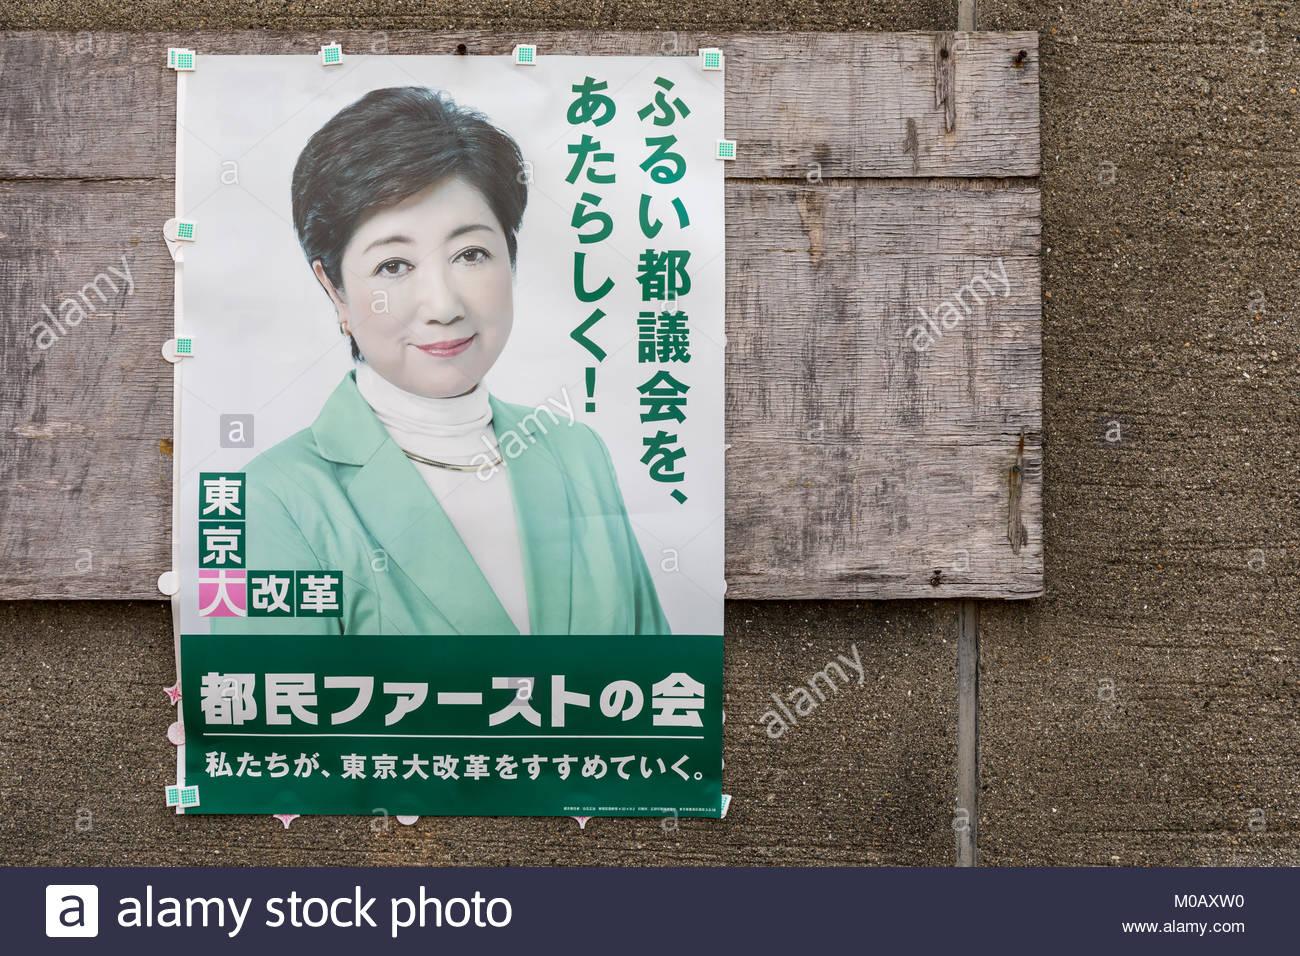 Yuriko Koike poster, Nakano, Tokyo Stock Photo